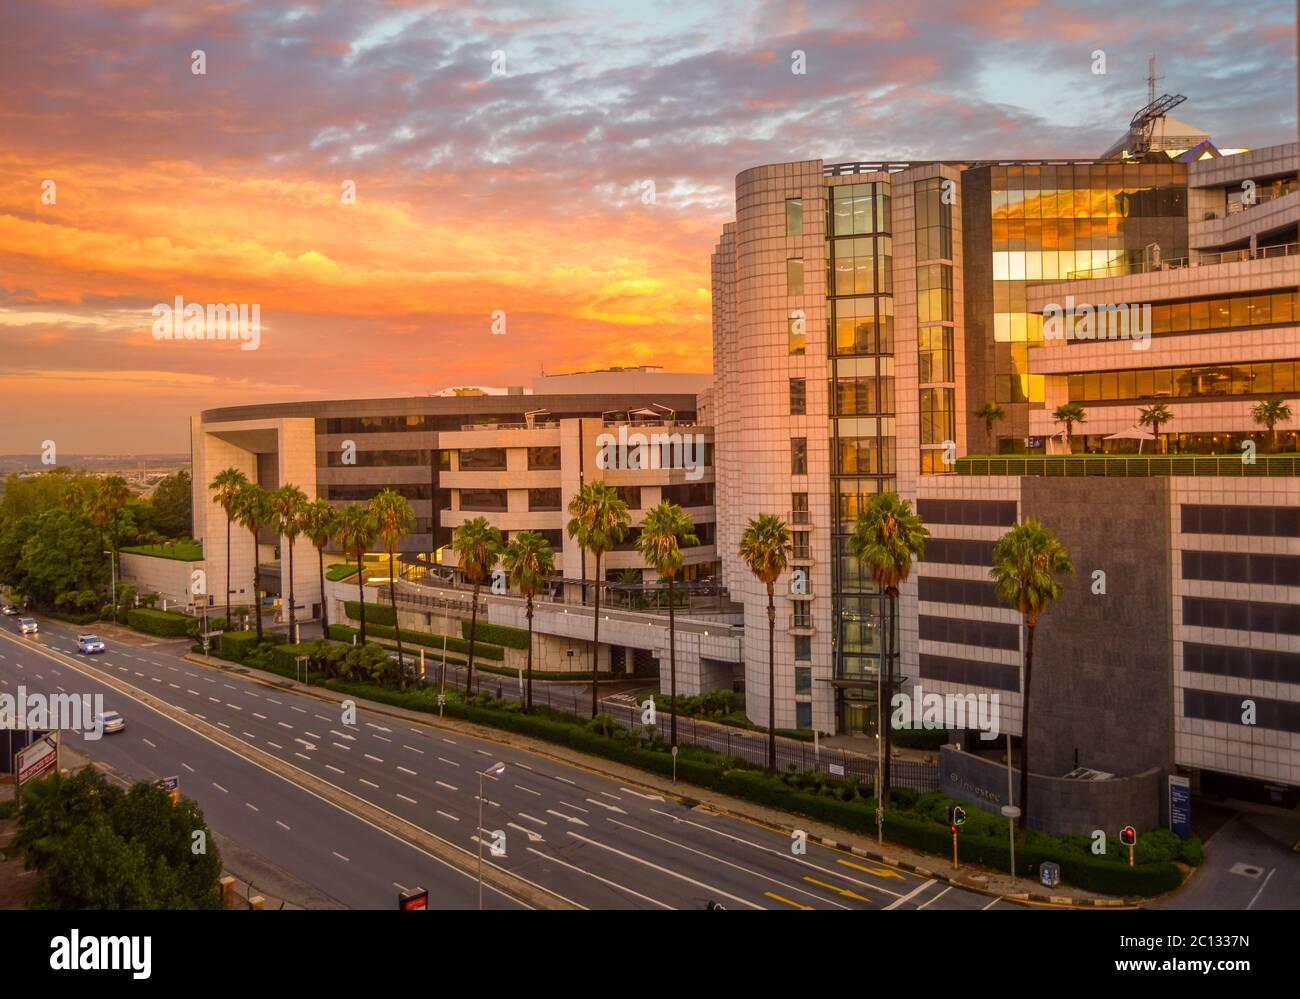 Oficinas corporativas y financieras en Sandton Johannesburgo Sudáfrica en el cielo de la puesta del sol Foto de stock